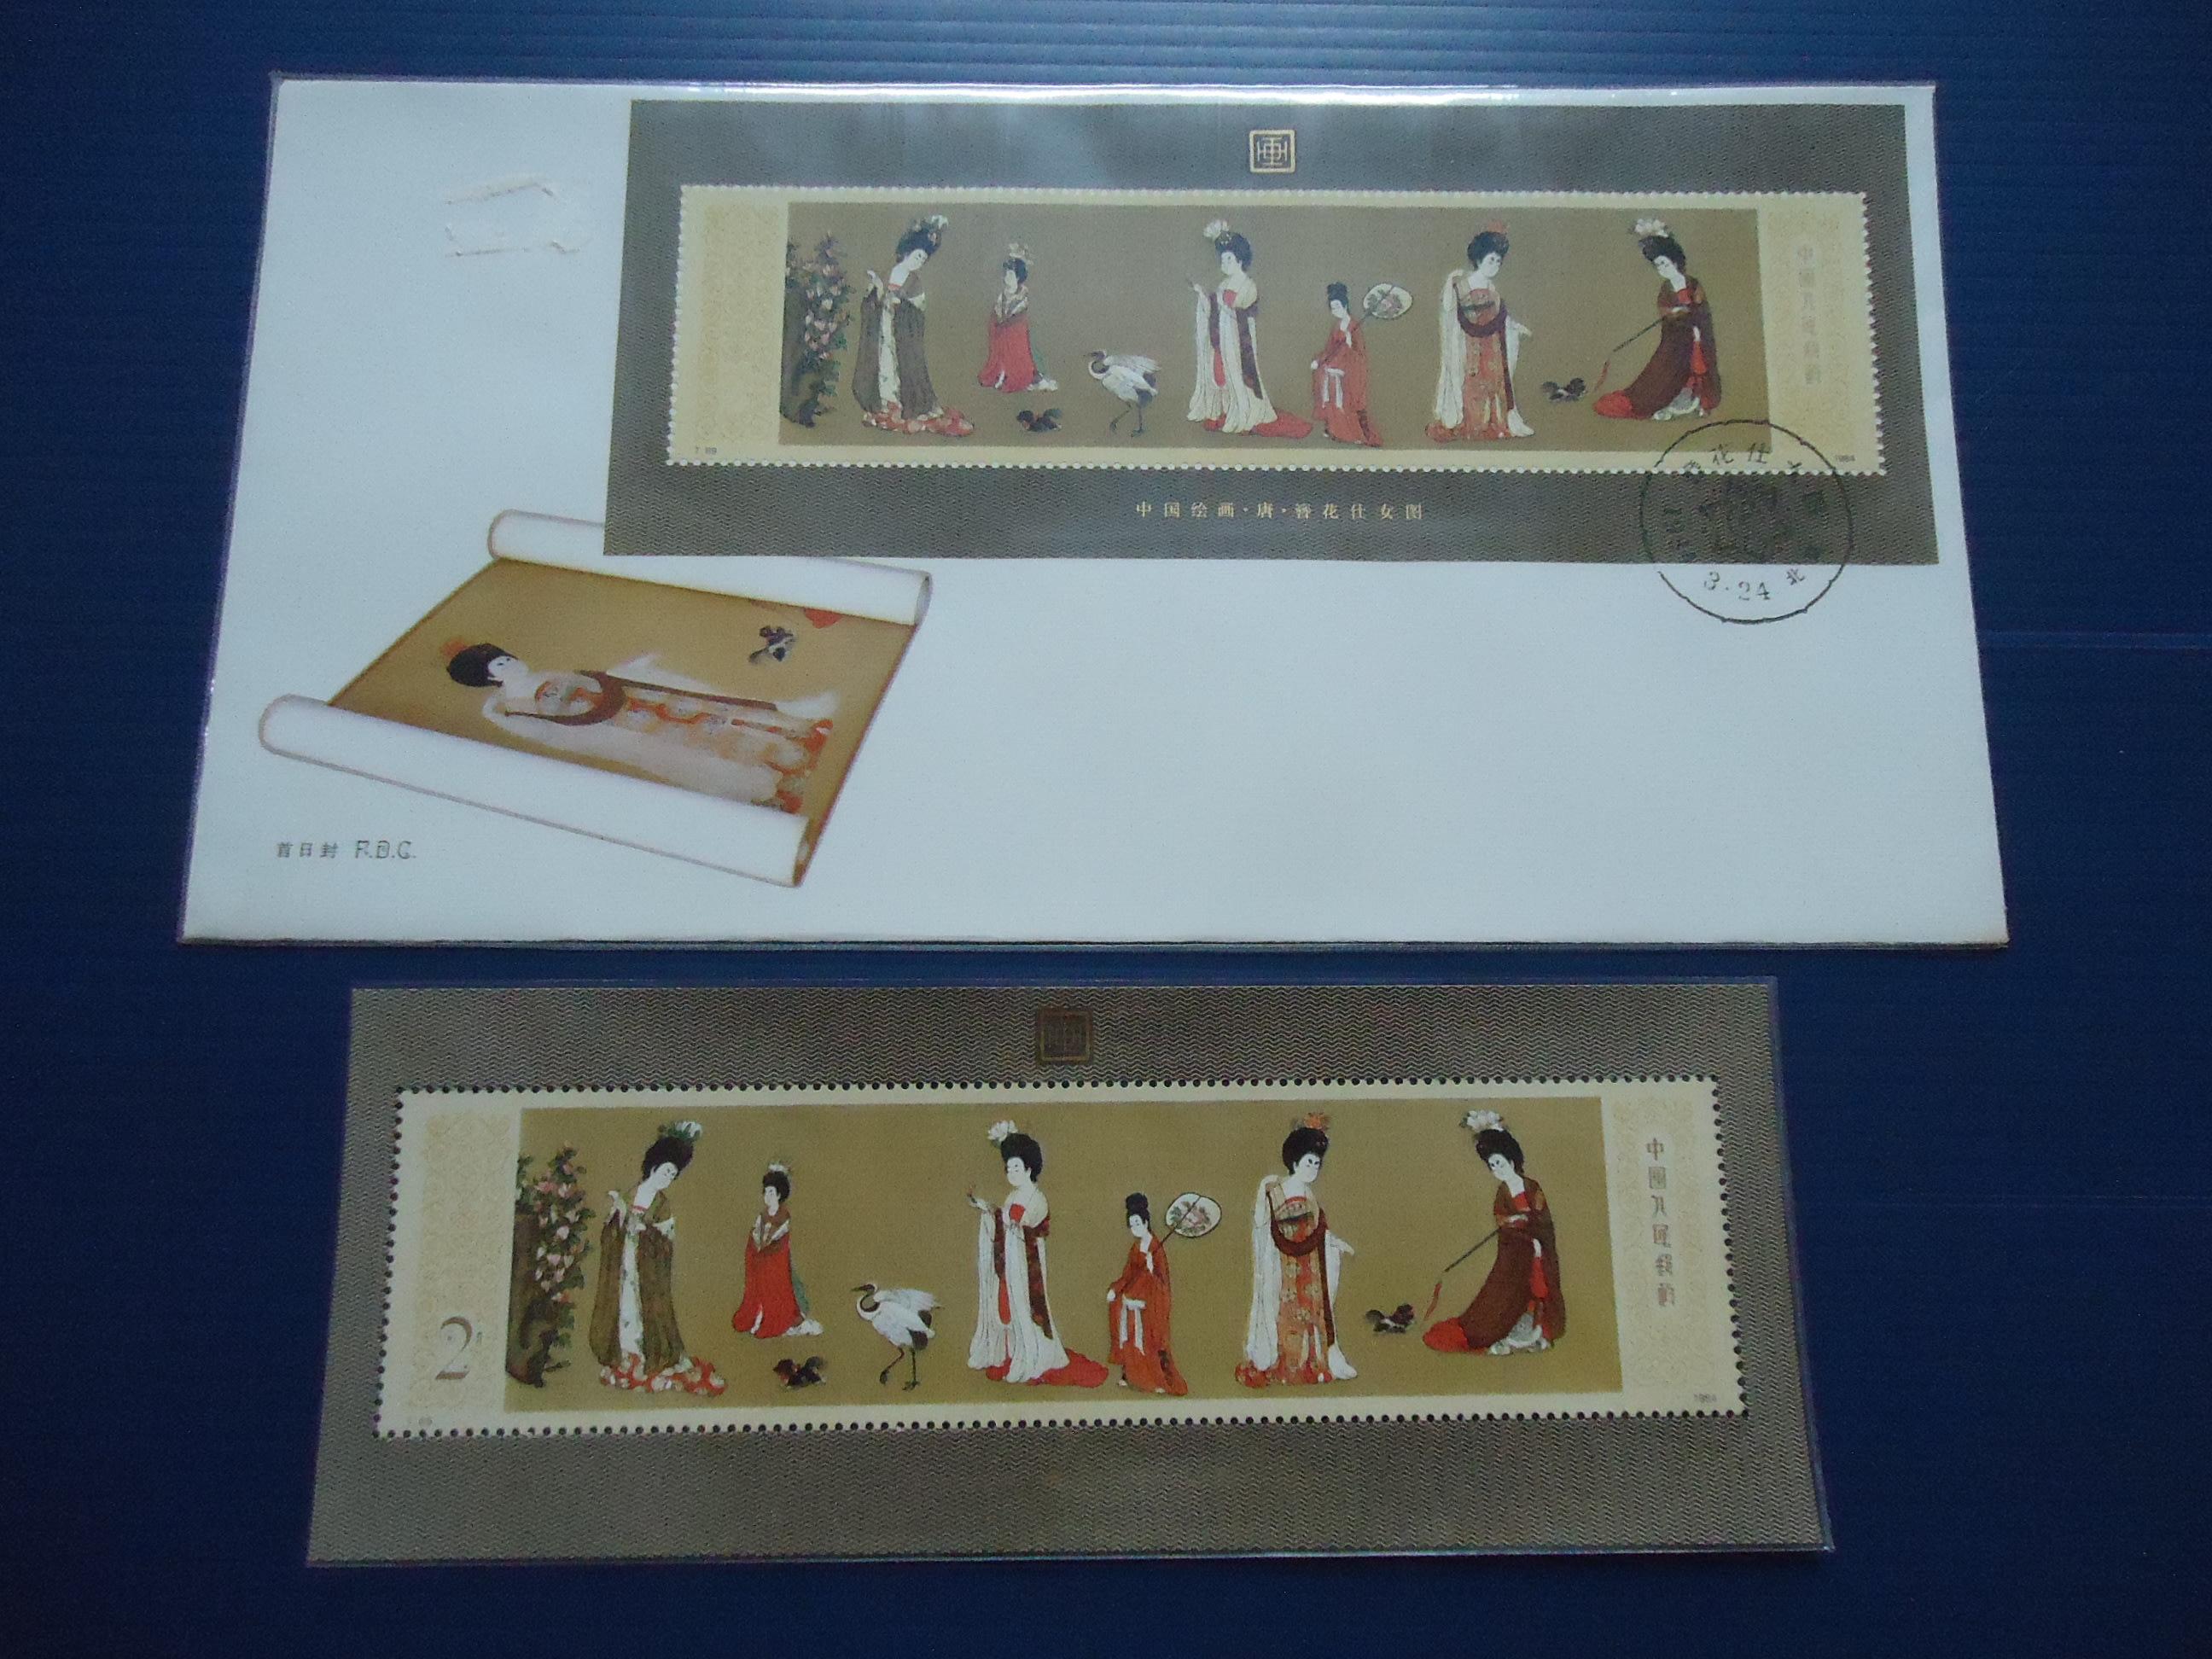 中國郵票--T89 仕女圖 小型張+首日封 各一  上品